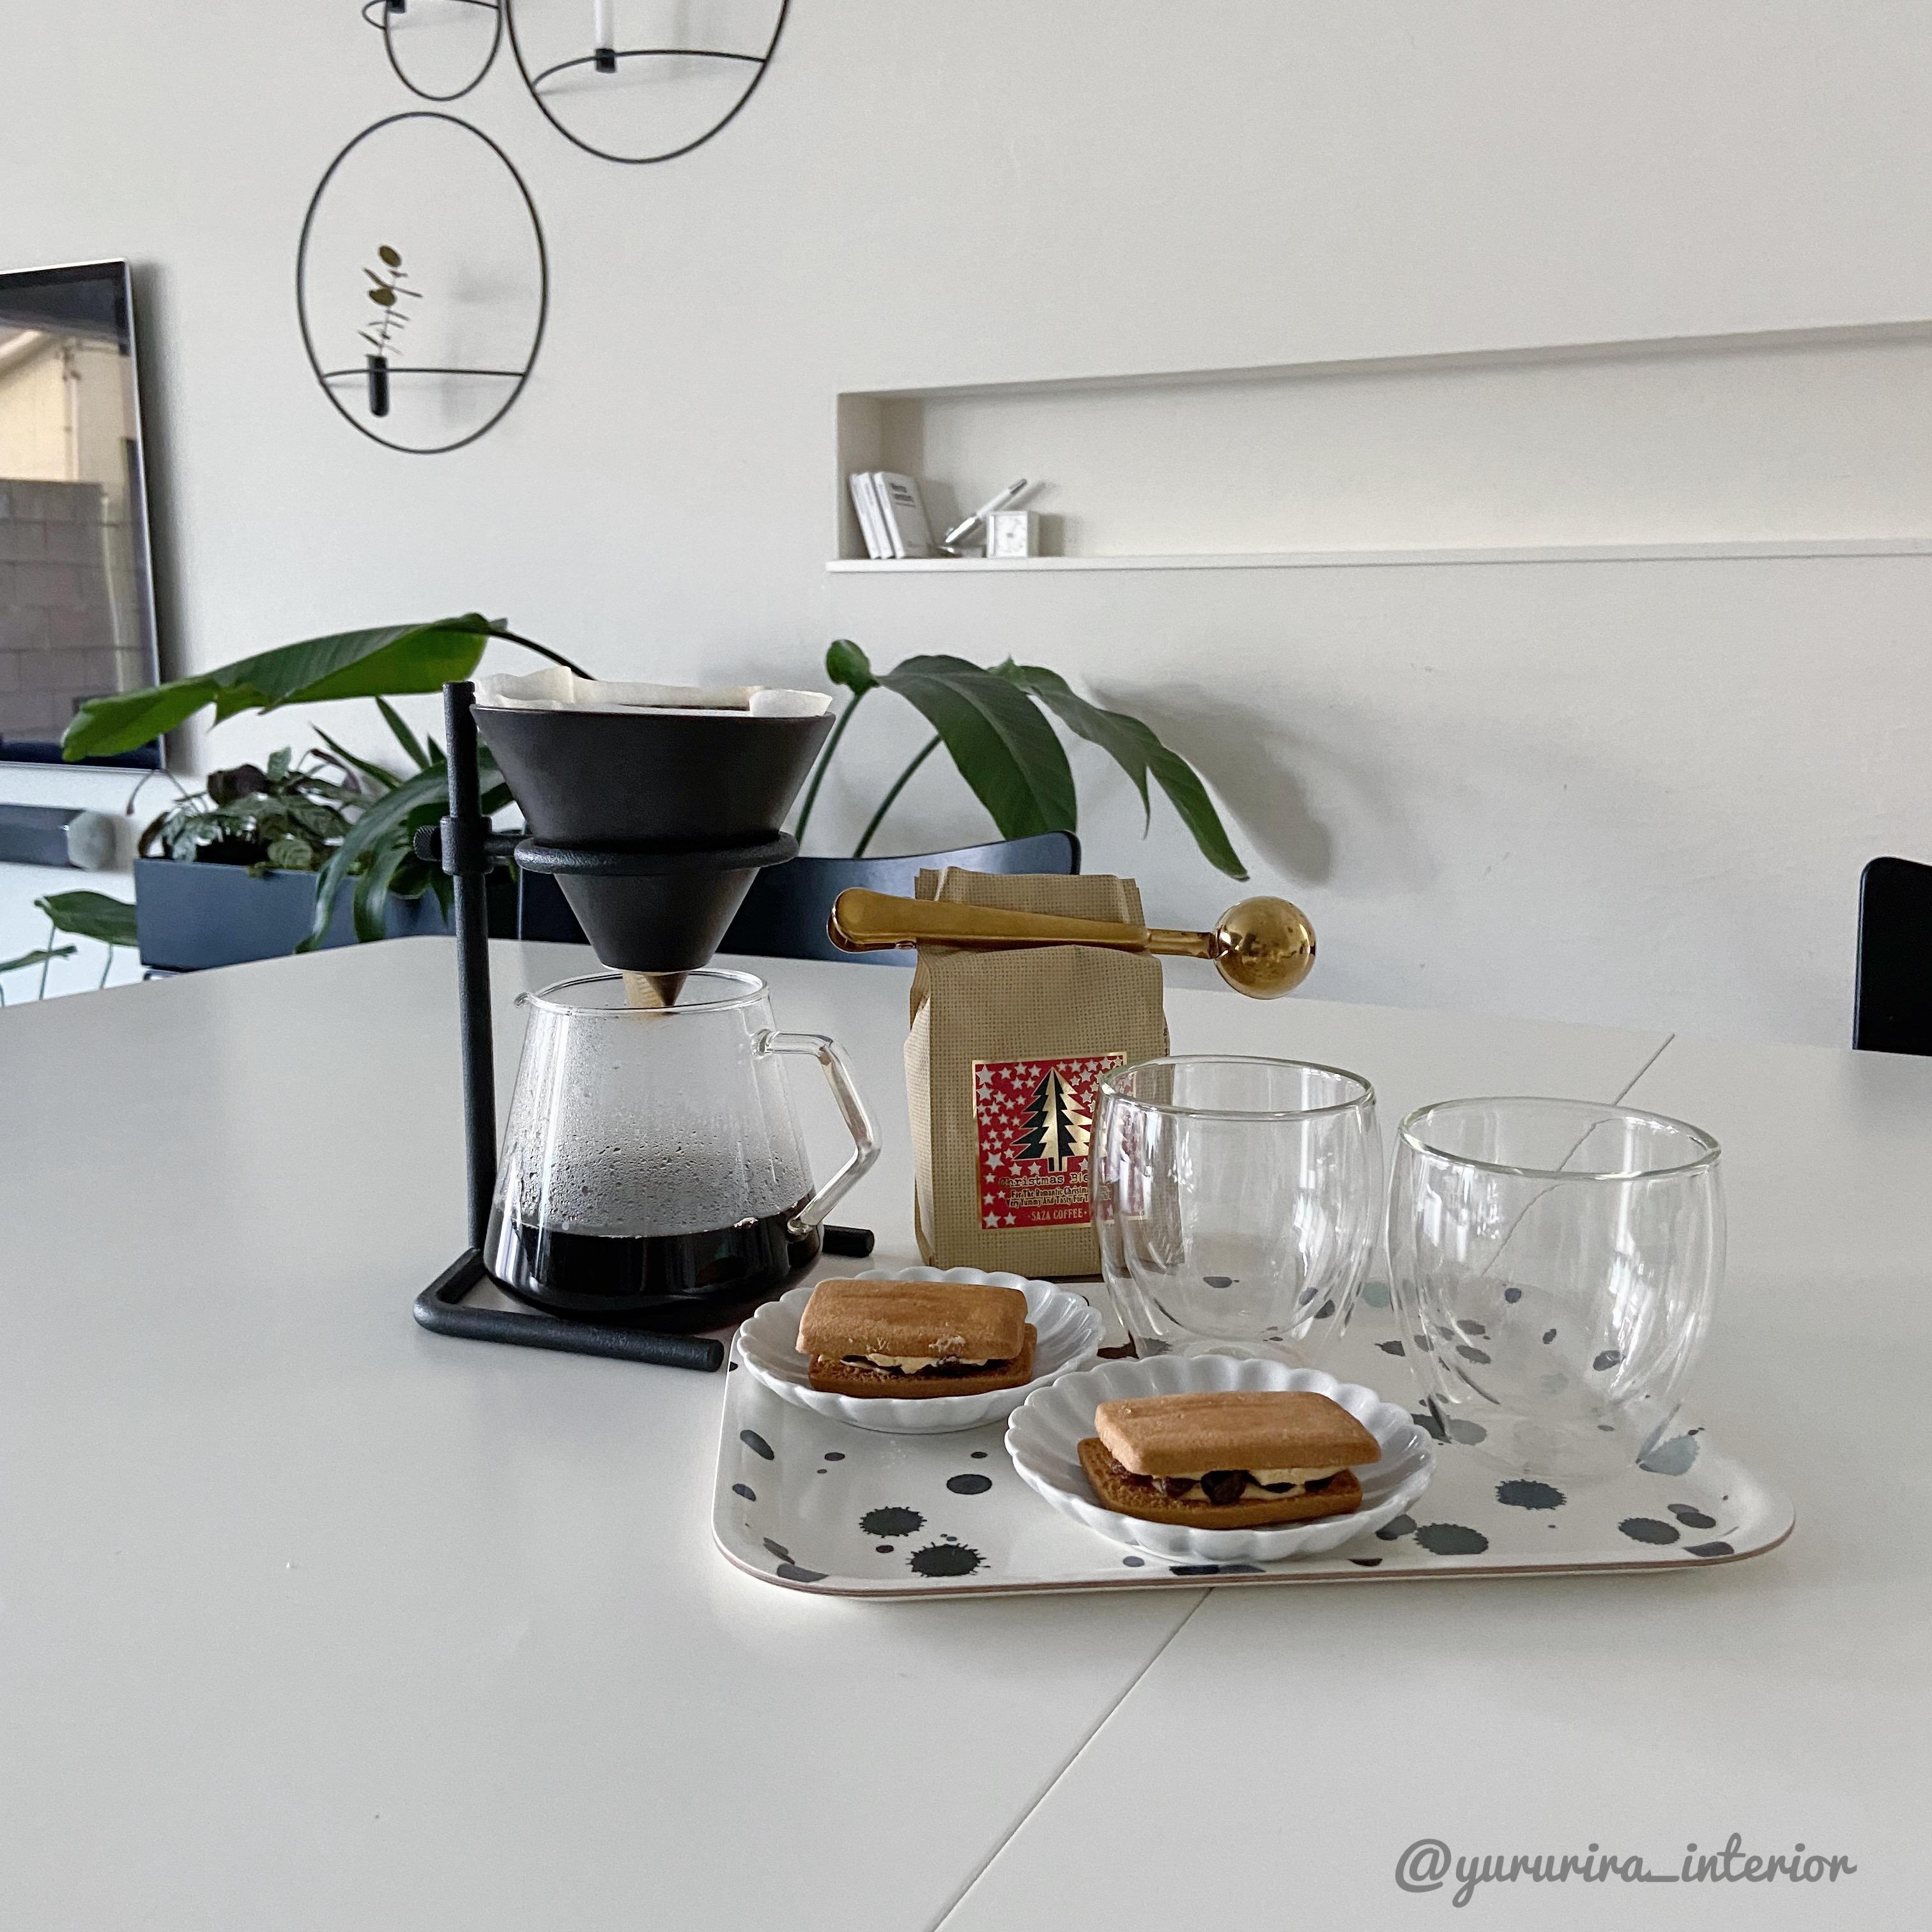 おやつ時間♡愛用のコーヒーメーカーと豆のハナシ